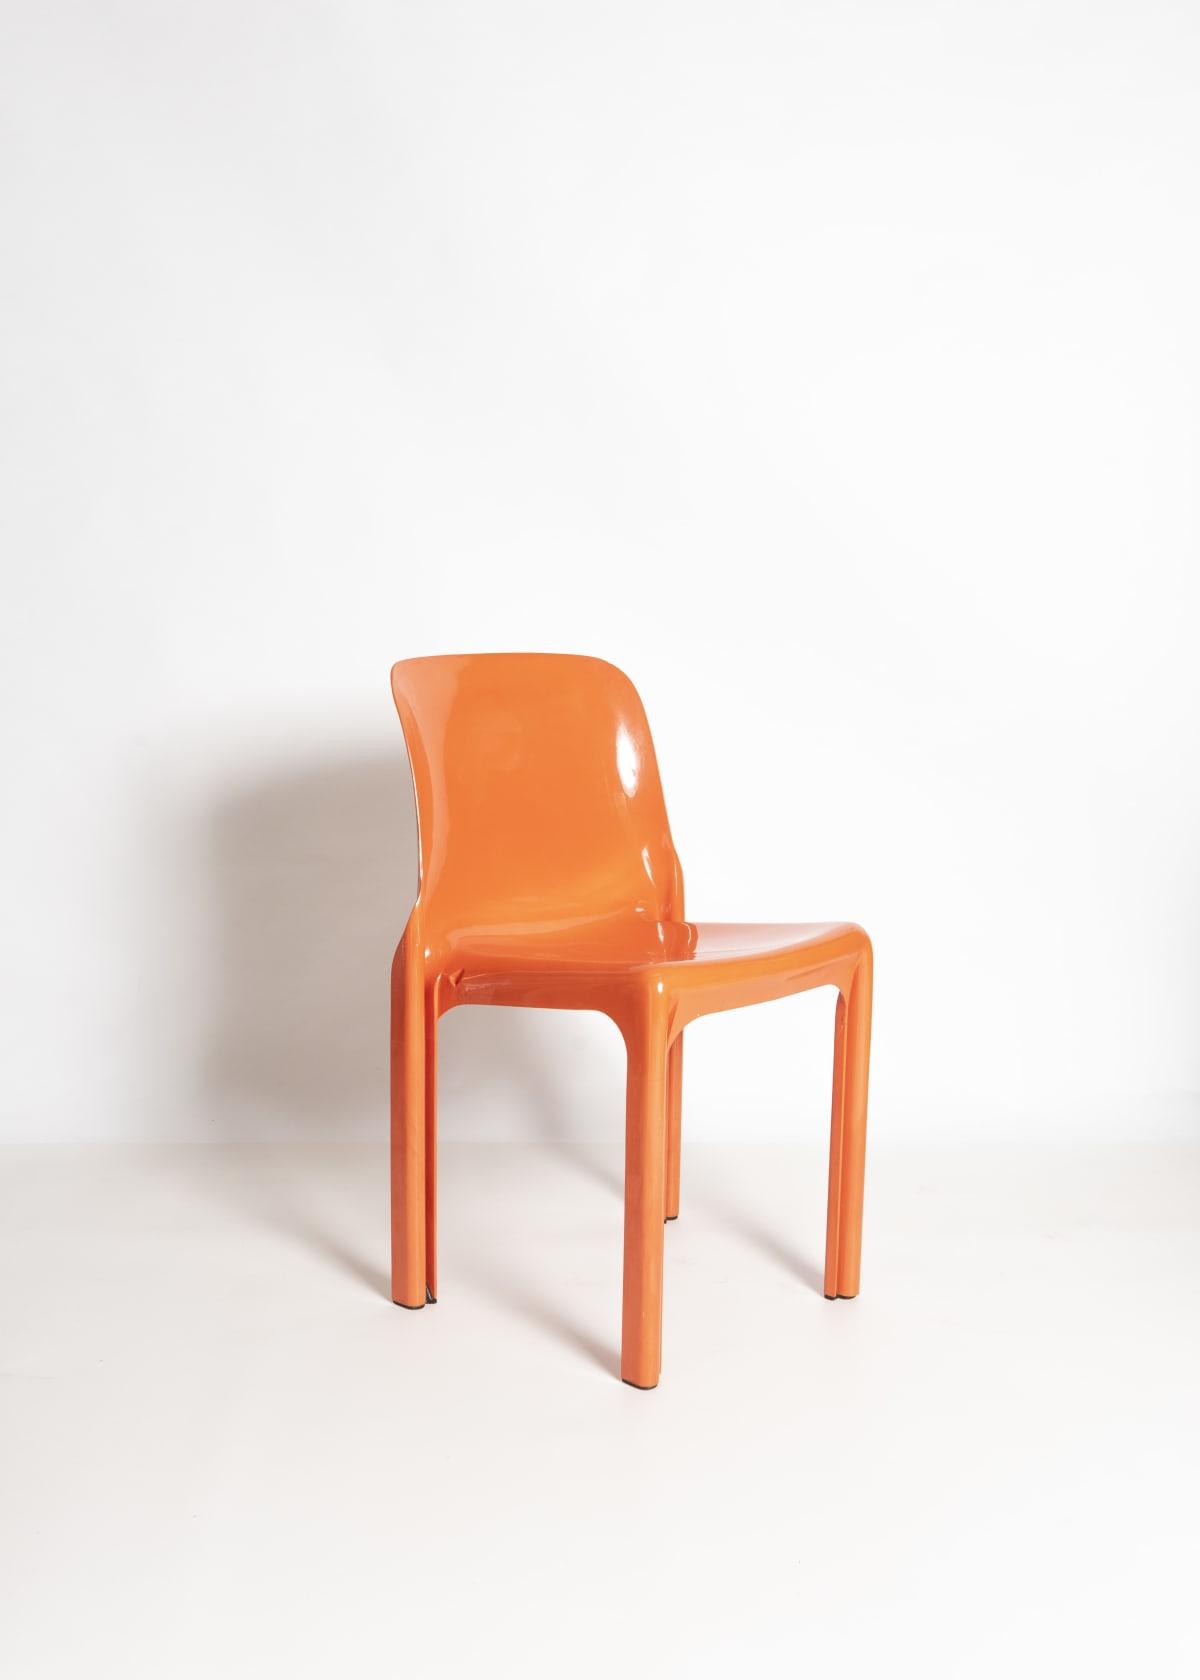 Vico Magistretti Orange 'Selene' chairs Designed 1969 For Artemide Moulded fibreglass Dimensions: 75 x 47 x 47 cm